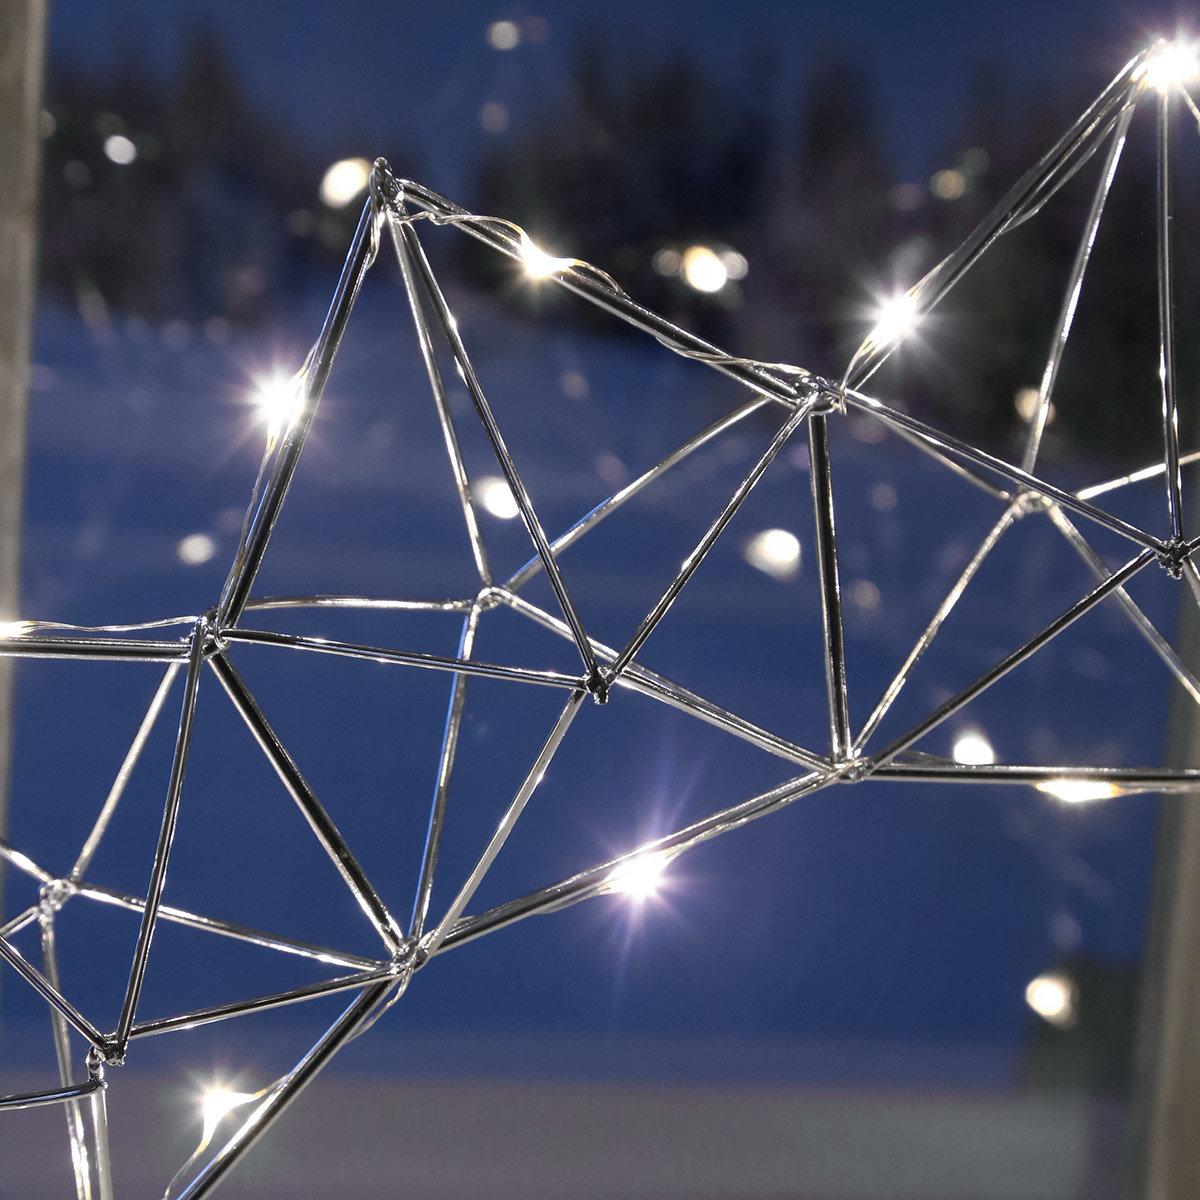 LED-Fensterleuchter Modern Christmas, 25 LEDs | #3